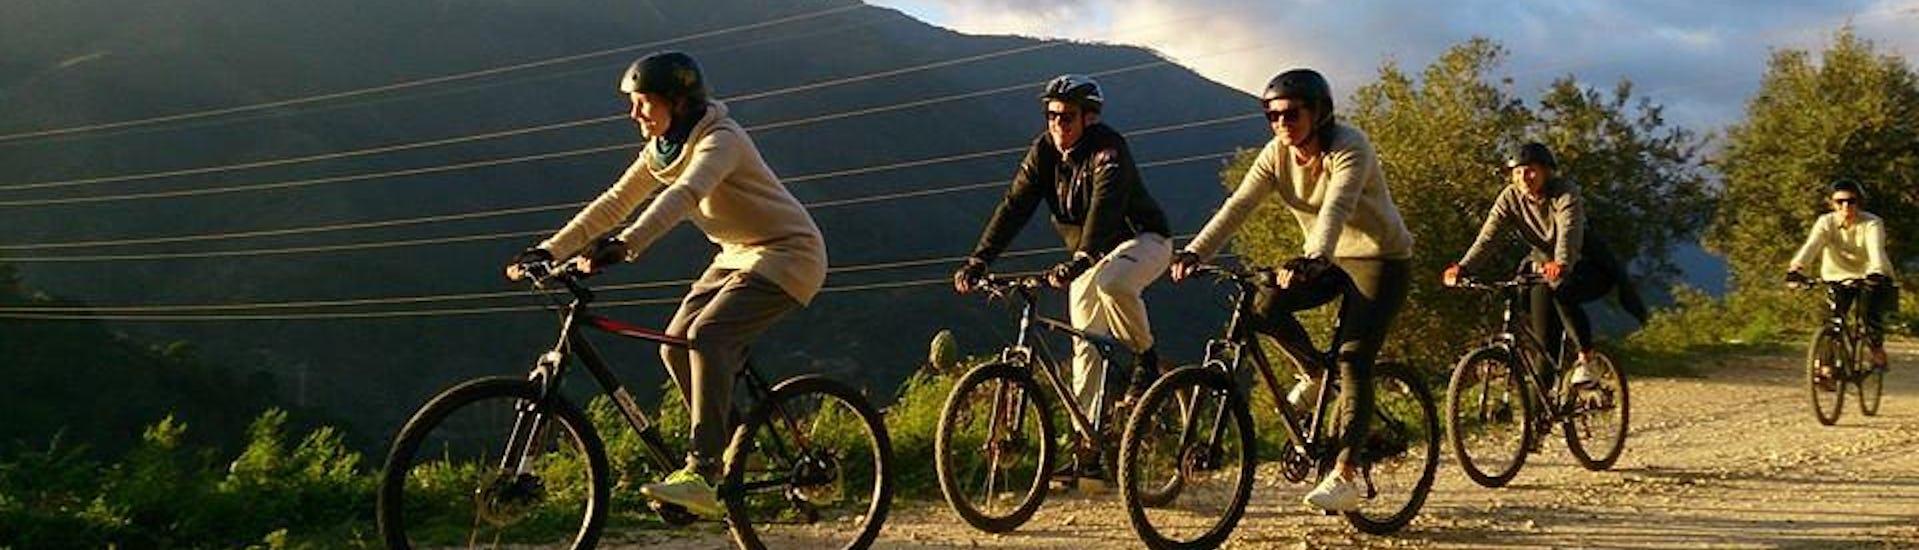 Mountain Bike Tour in Sierra de las Nieves - Marbella